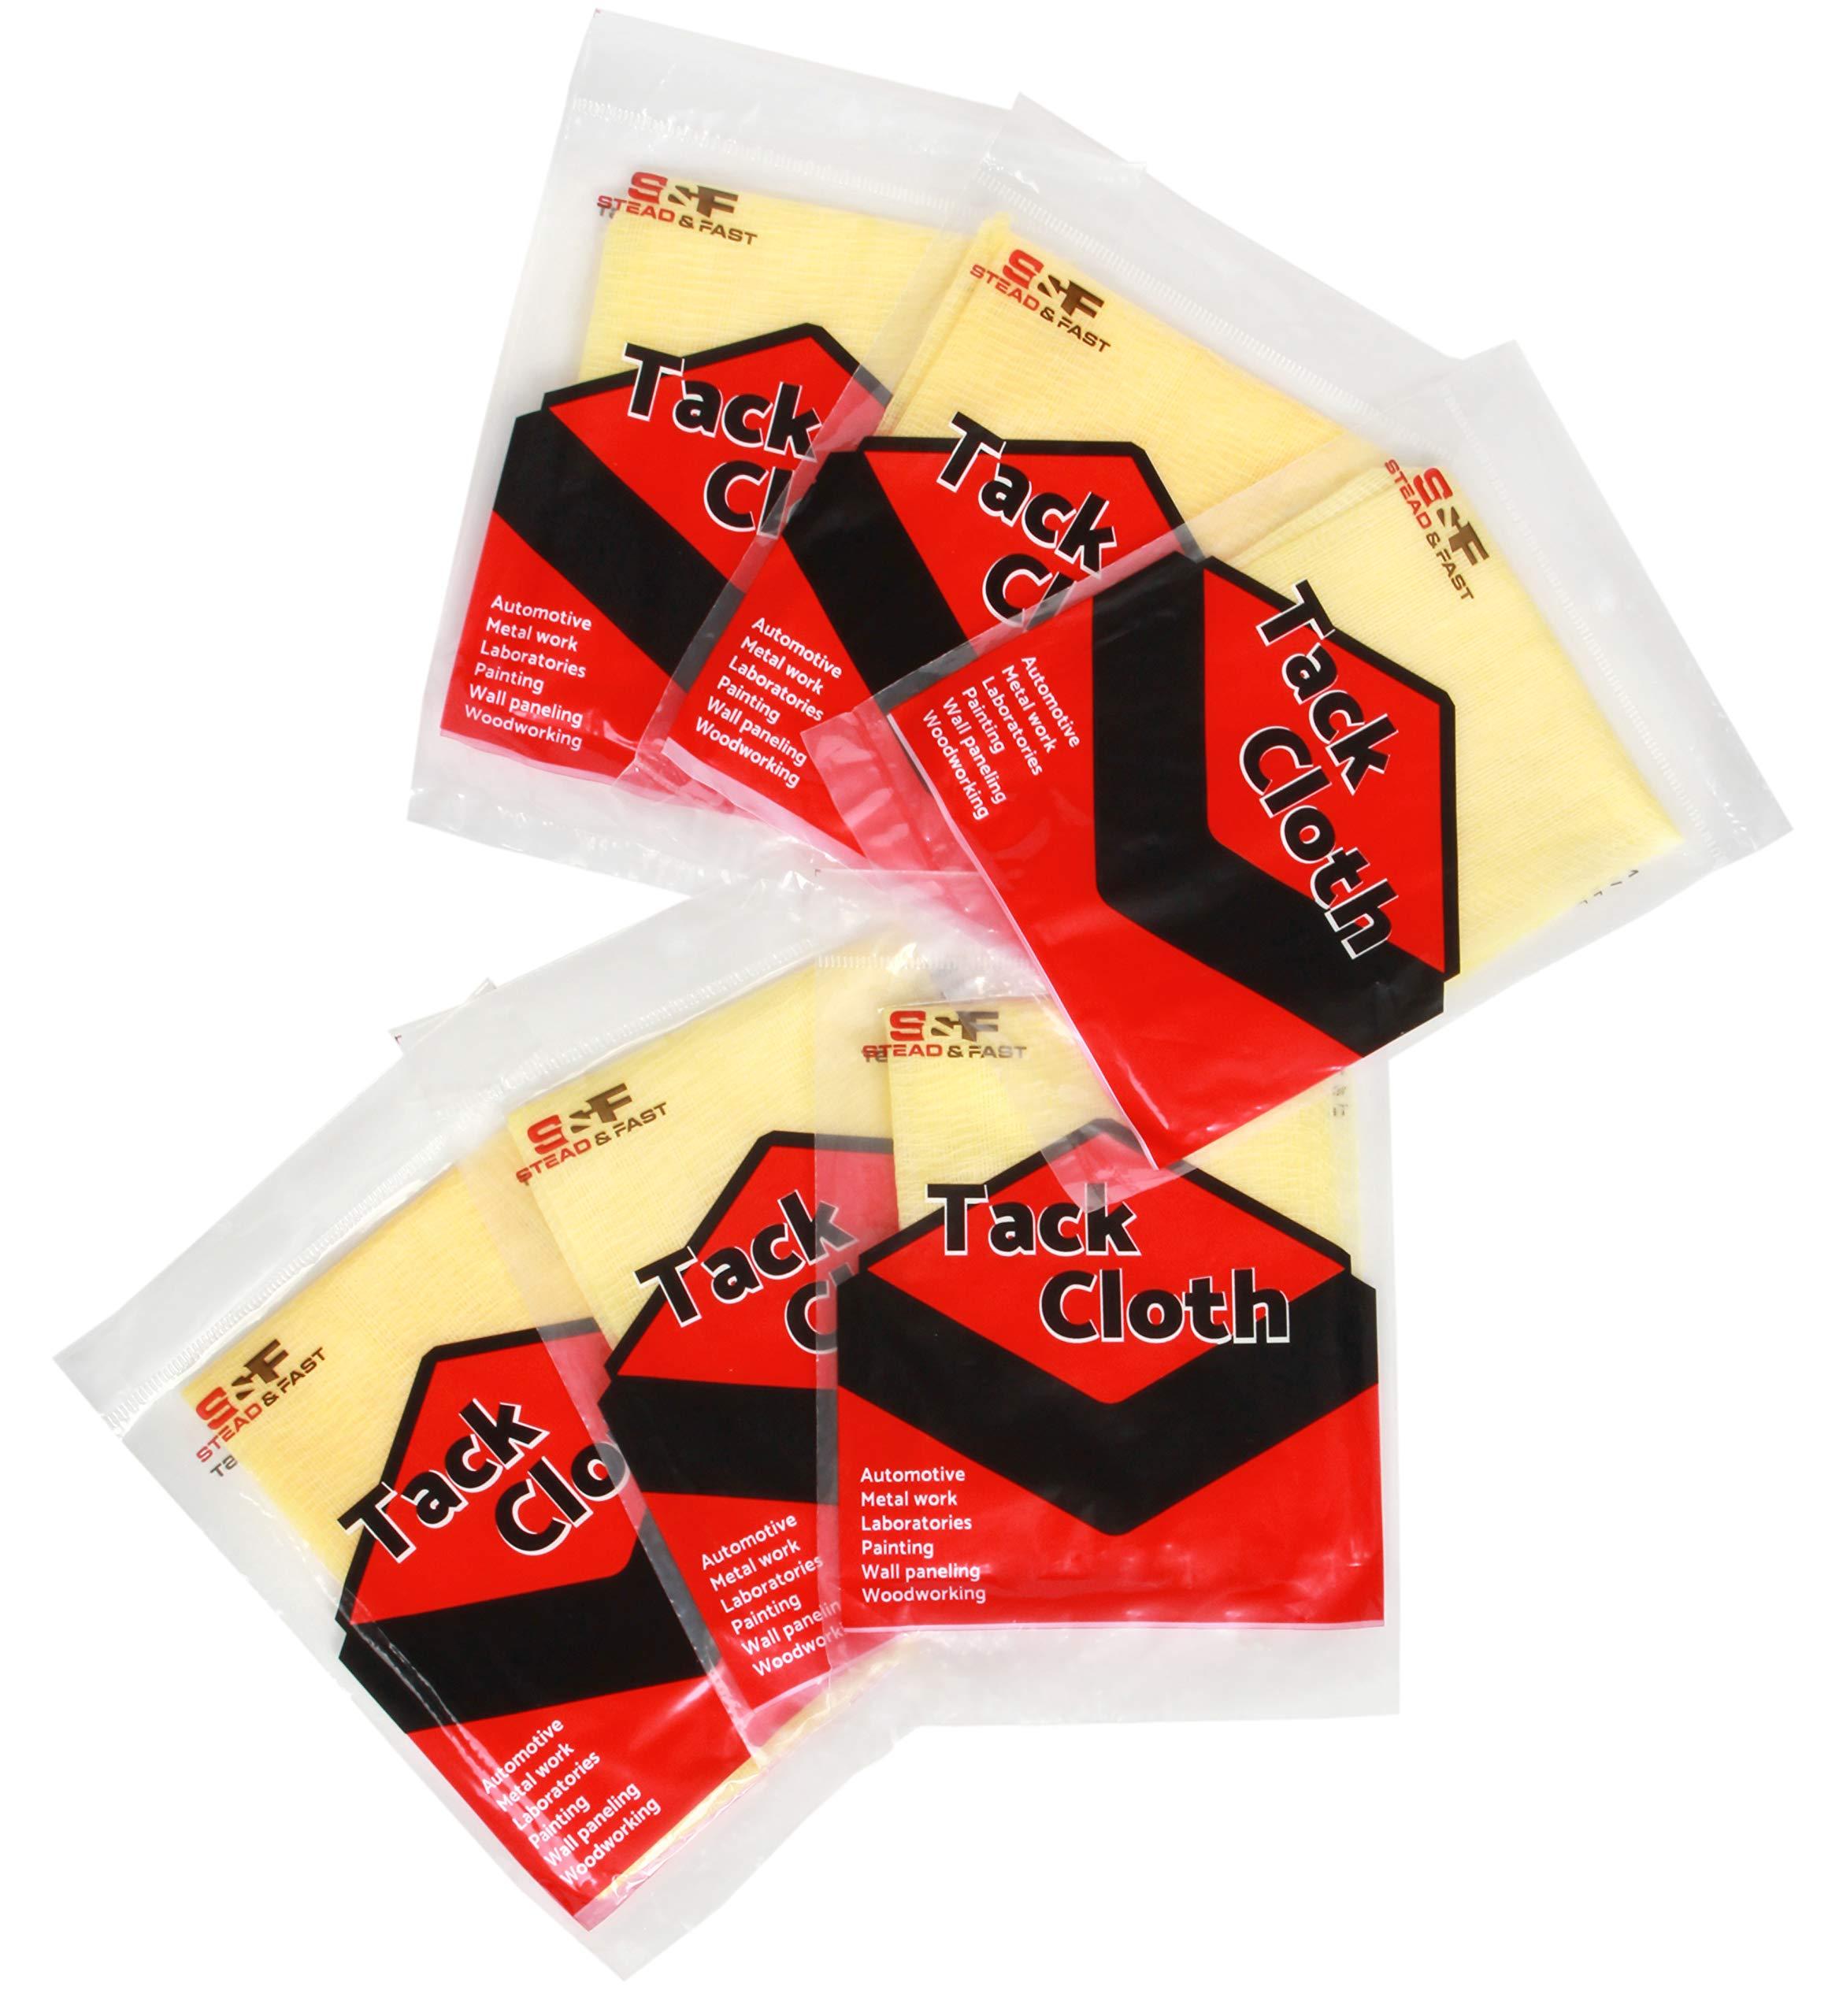 12 bags per box Tack Cloth 36 count 3pcs per bag